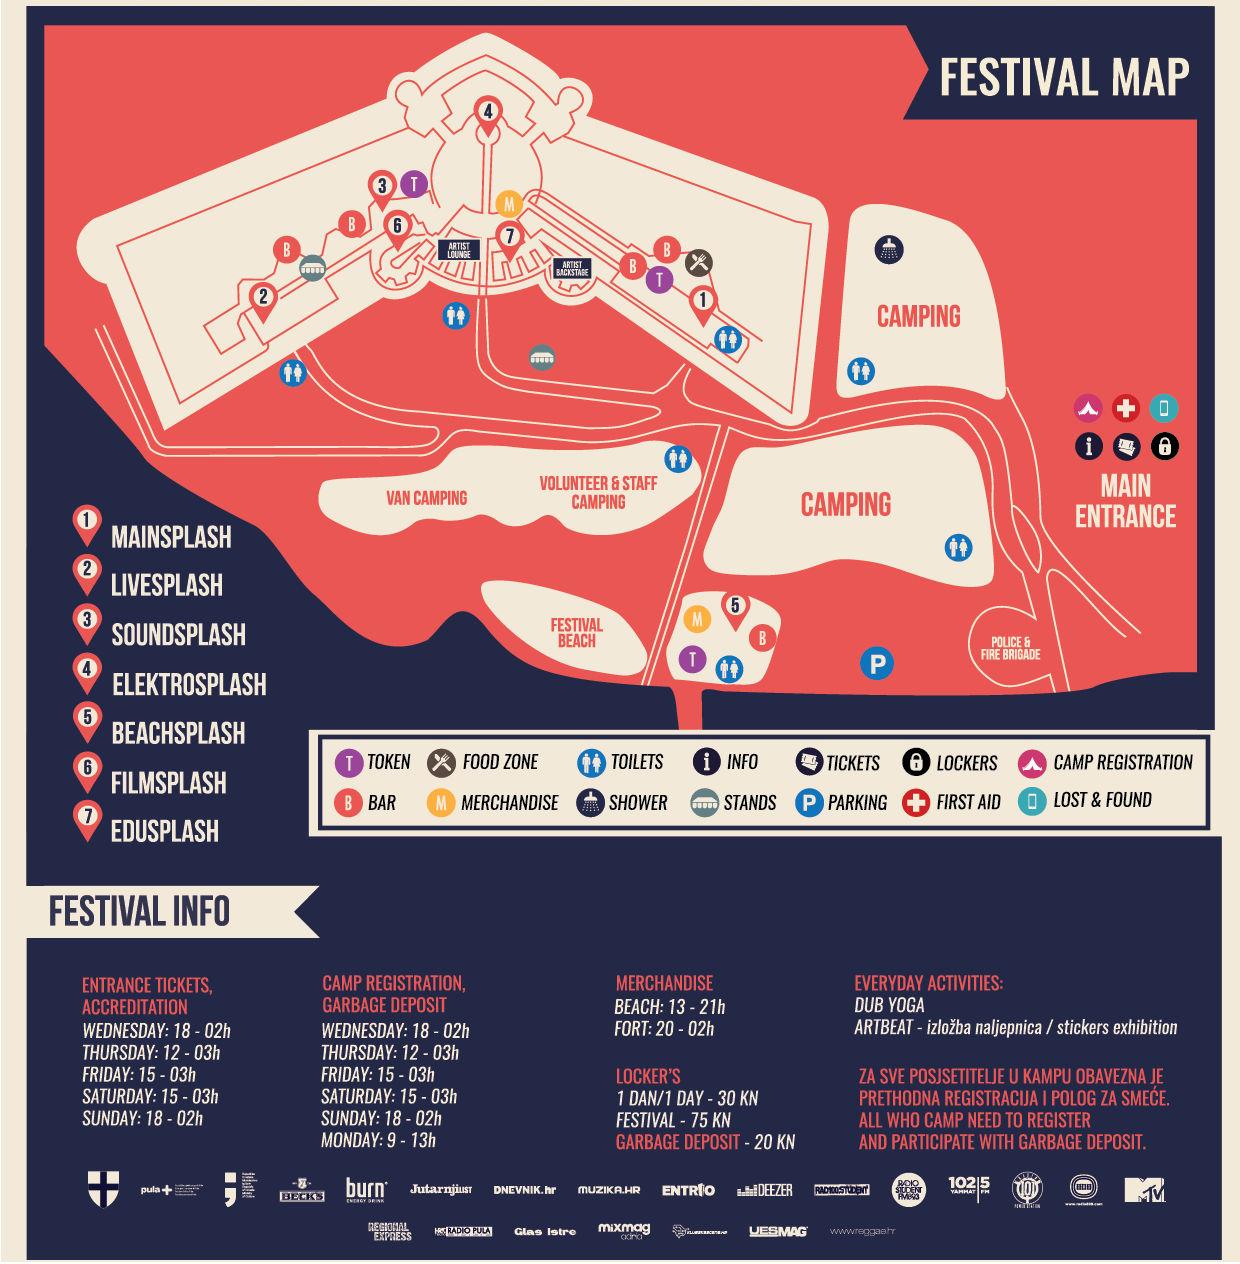 Provjerite raspored po danima i satnicu 14. Seasplash festivala [+dijelimo upade] 2